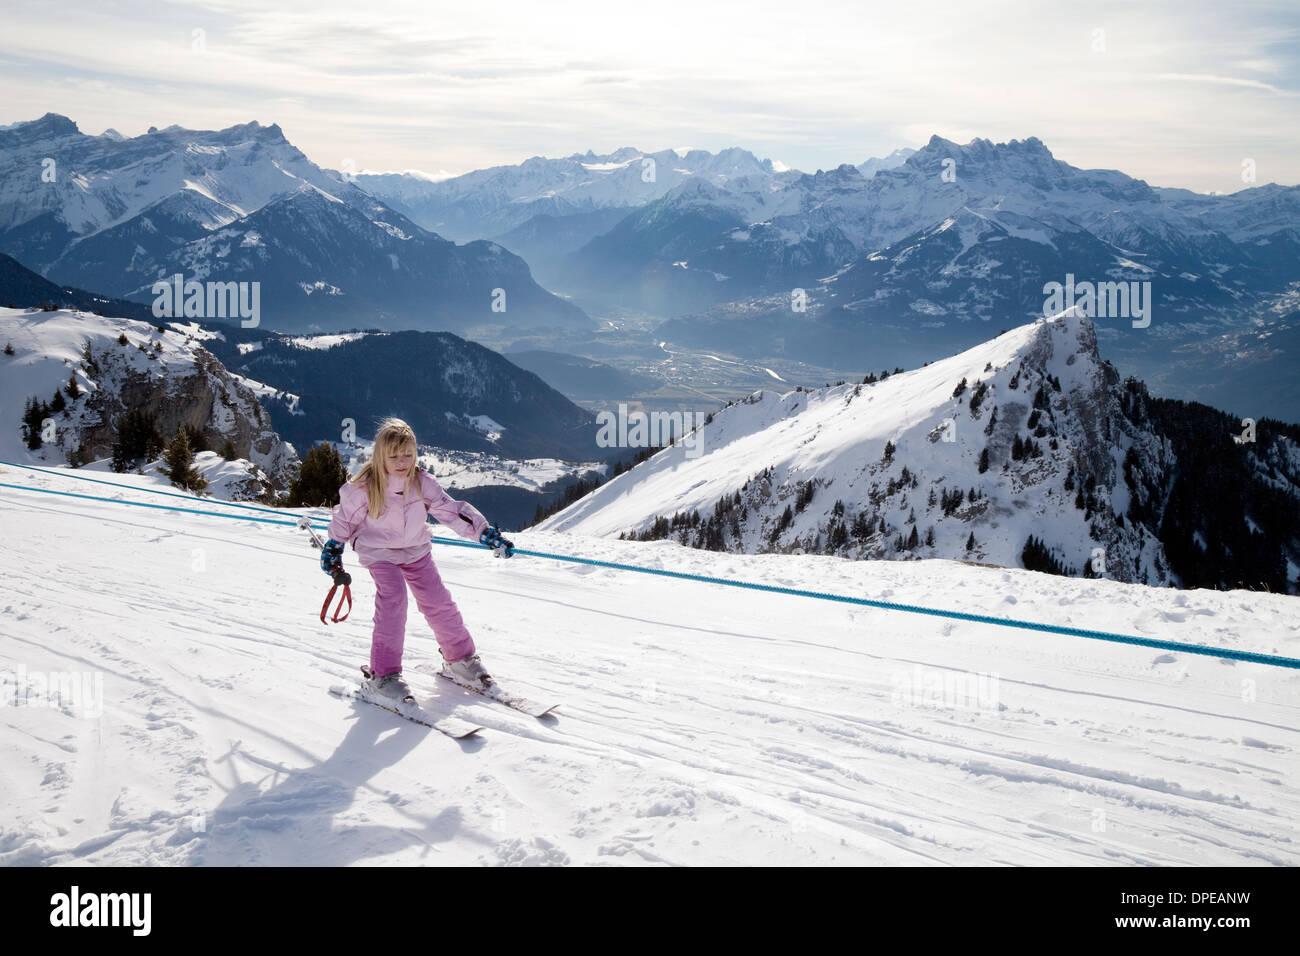 Un jeune enfant le ski, à l'aide d'un téléski de ne pas porter un casque de ski, swiss alps, Switzerland, Europe Photo Stock